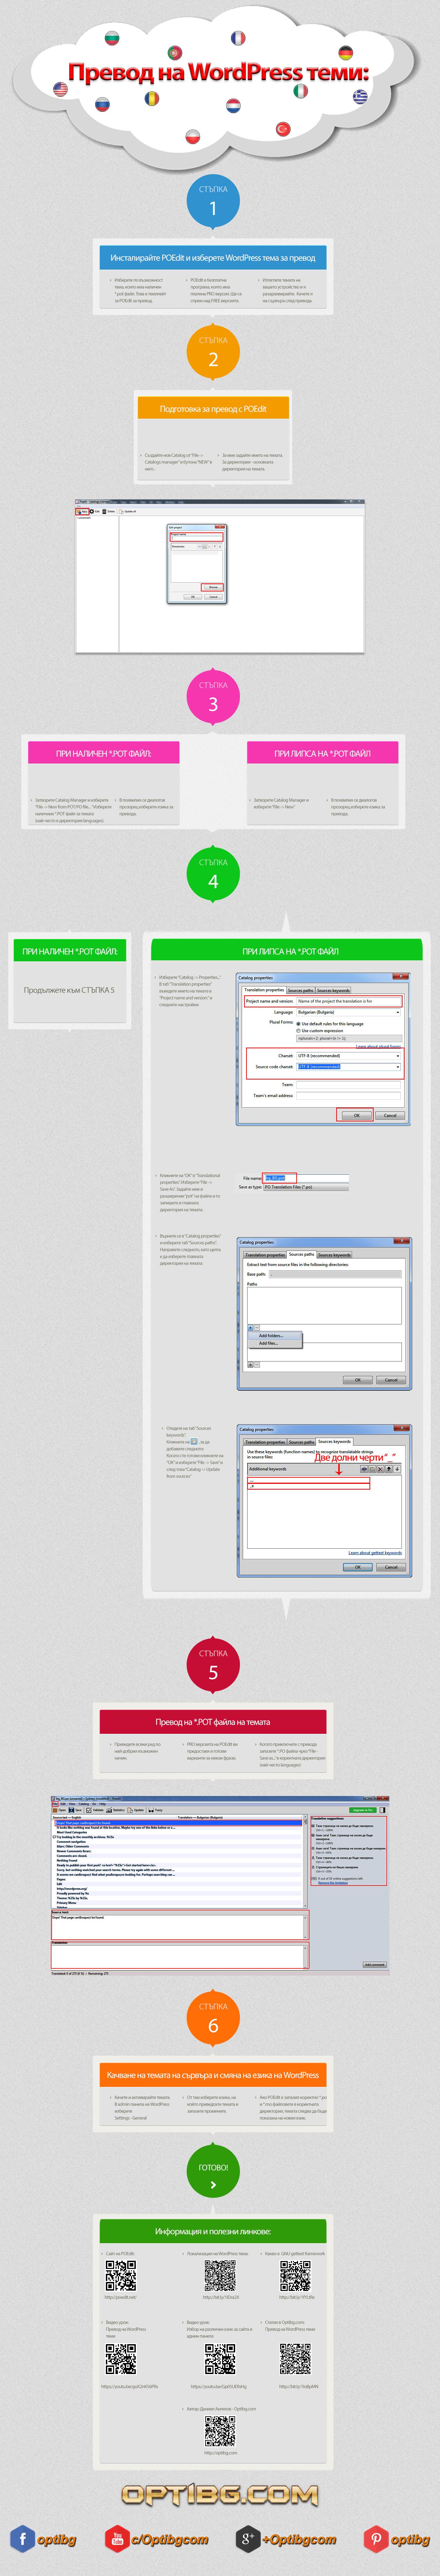 Начини за превод на WordPress теми при наличен POT файл и при липса на такъв чрез POEdit.